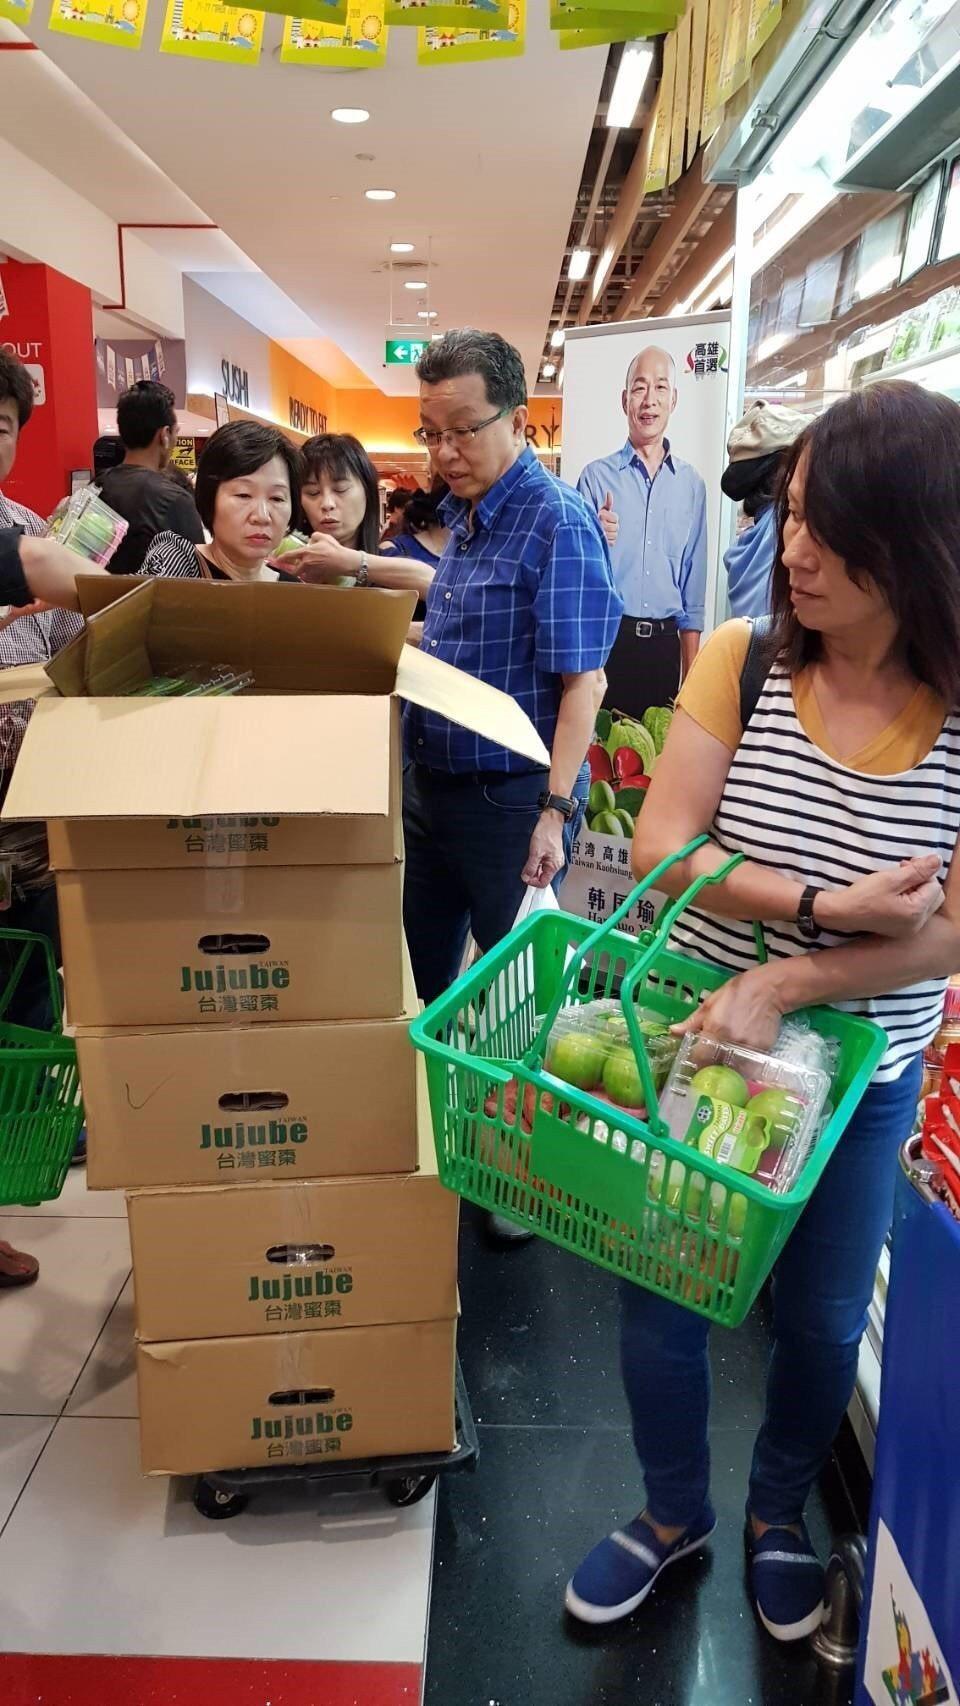 到台灣旅行過的新加坡人對於蜜棗念念不忘,清脆香甜的蜜棗在新加坡超市也能購買。...